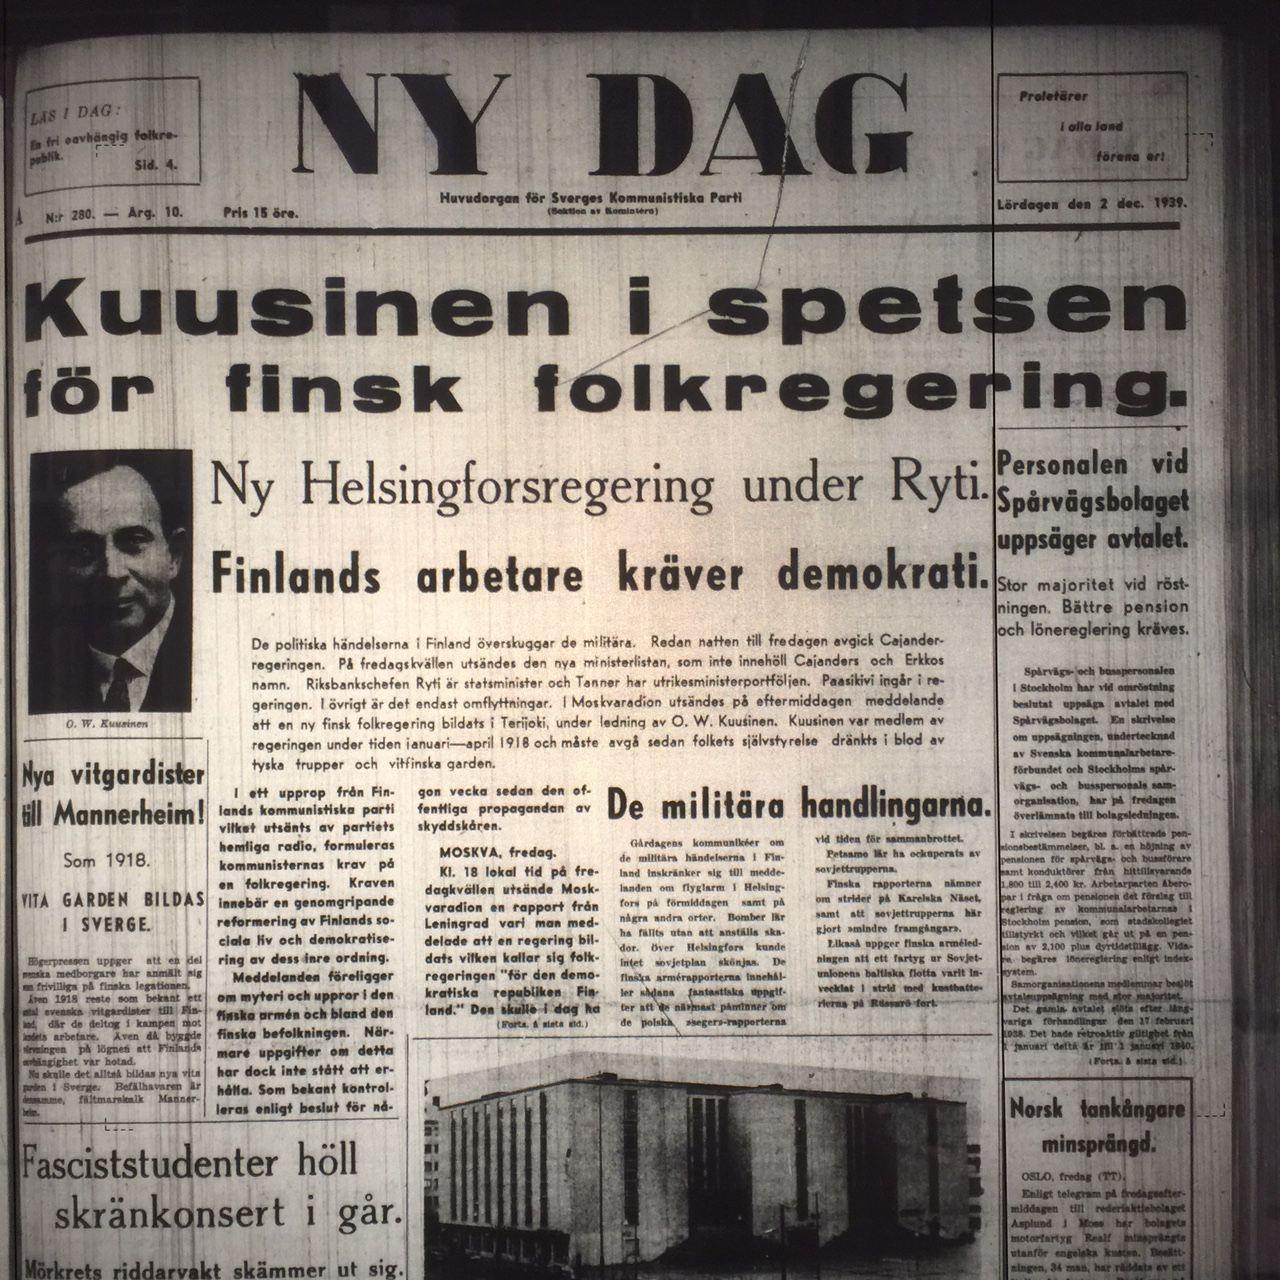 NY DAG 2 dec 1939